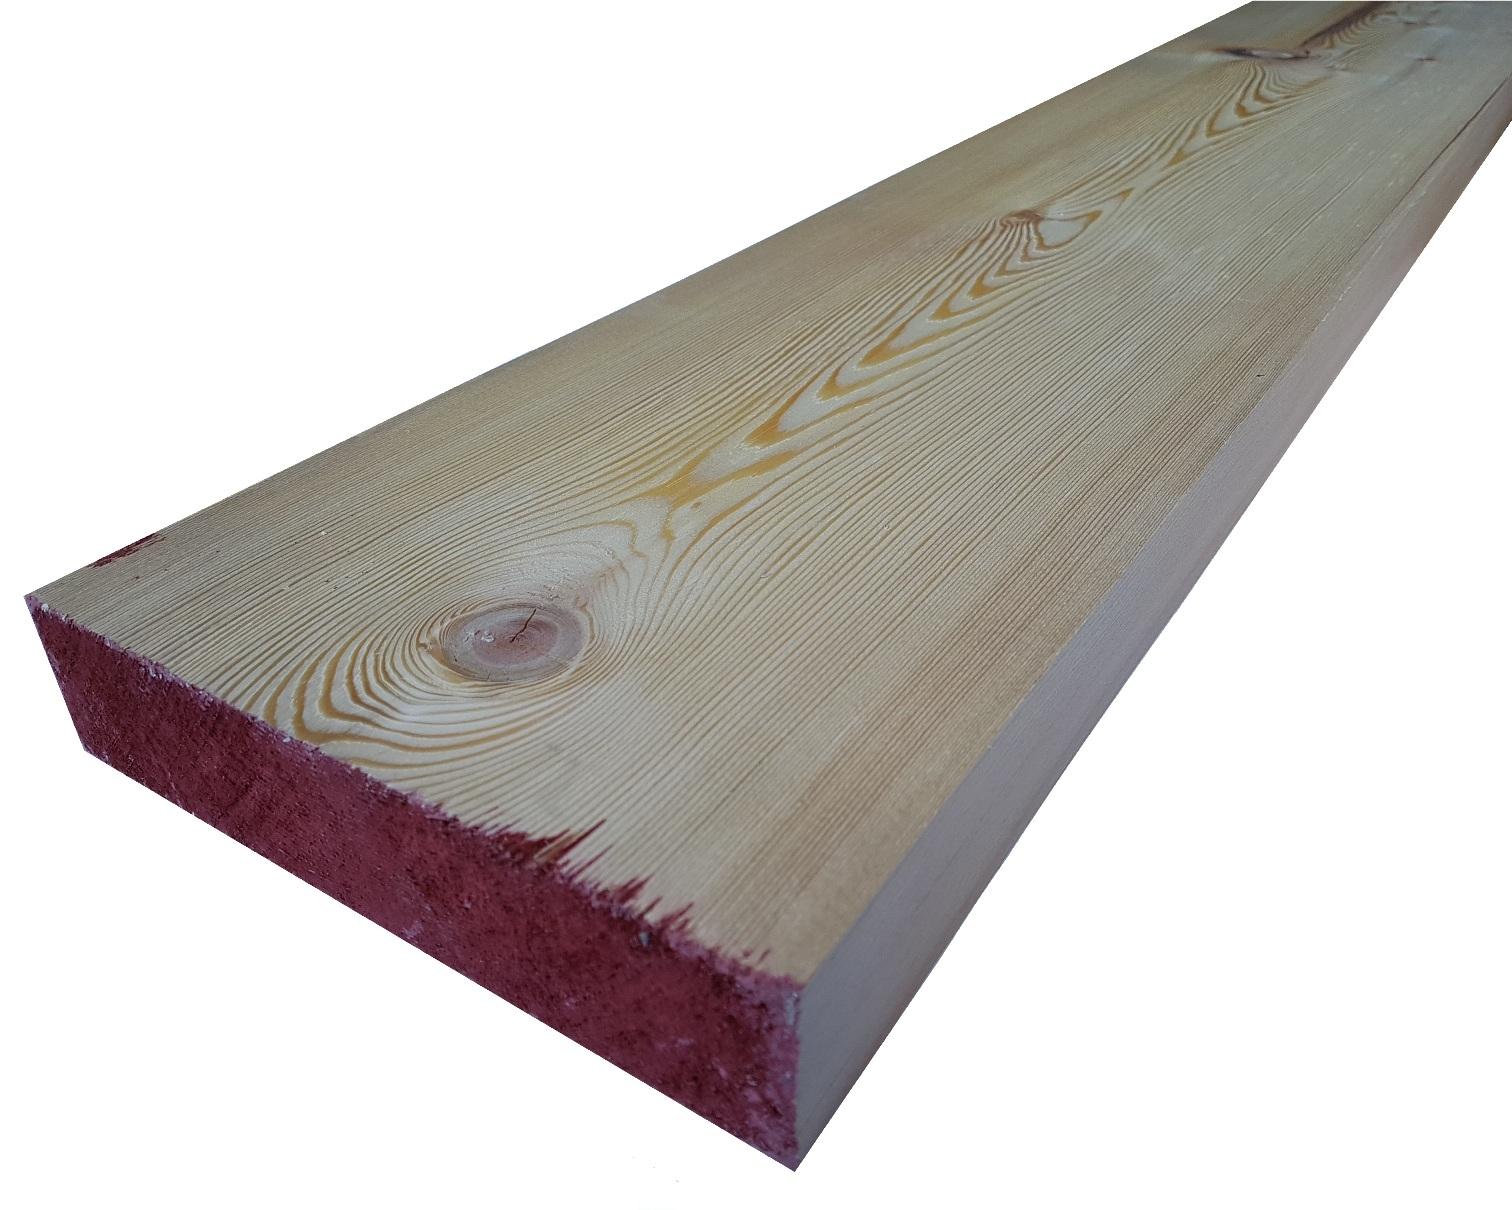 Tavole legno di larice piallate tavola larice cm 3 2 x 19 x 250 piallata 4 lati - Tavole legno massello piallate ...